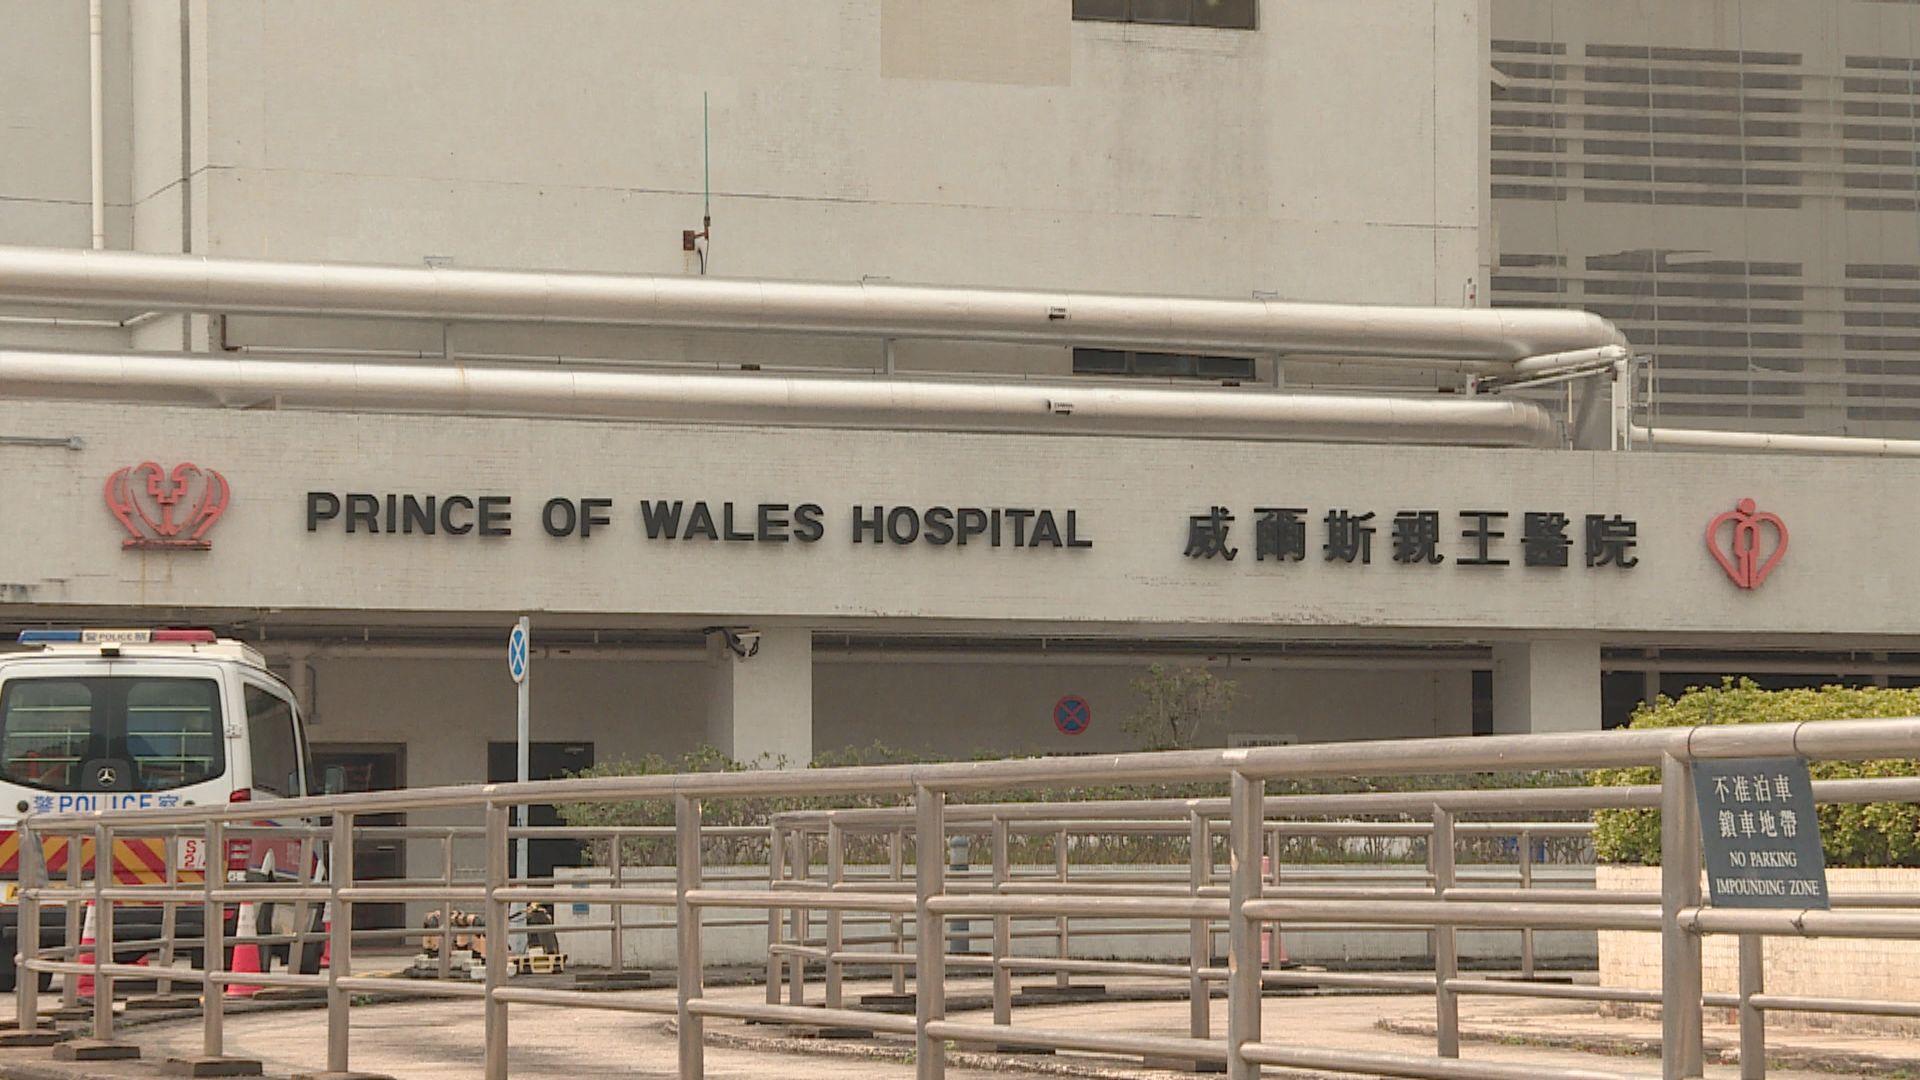 威院清潔工人初步確診 曾在病房工作無接觸病人